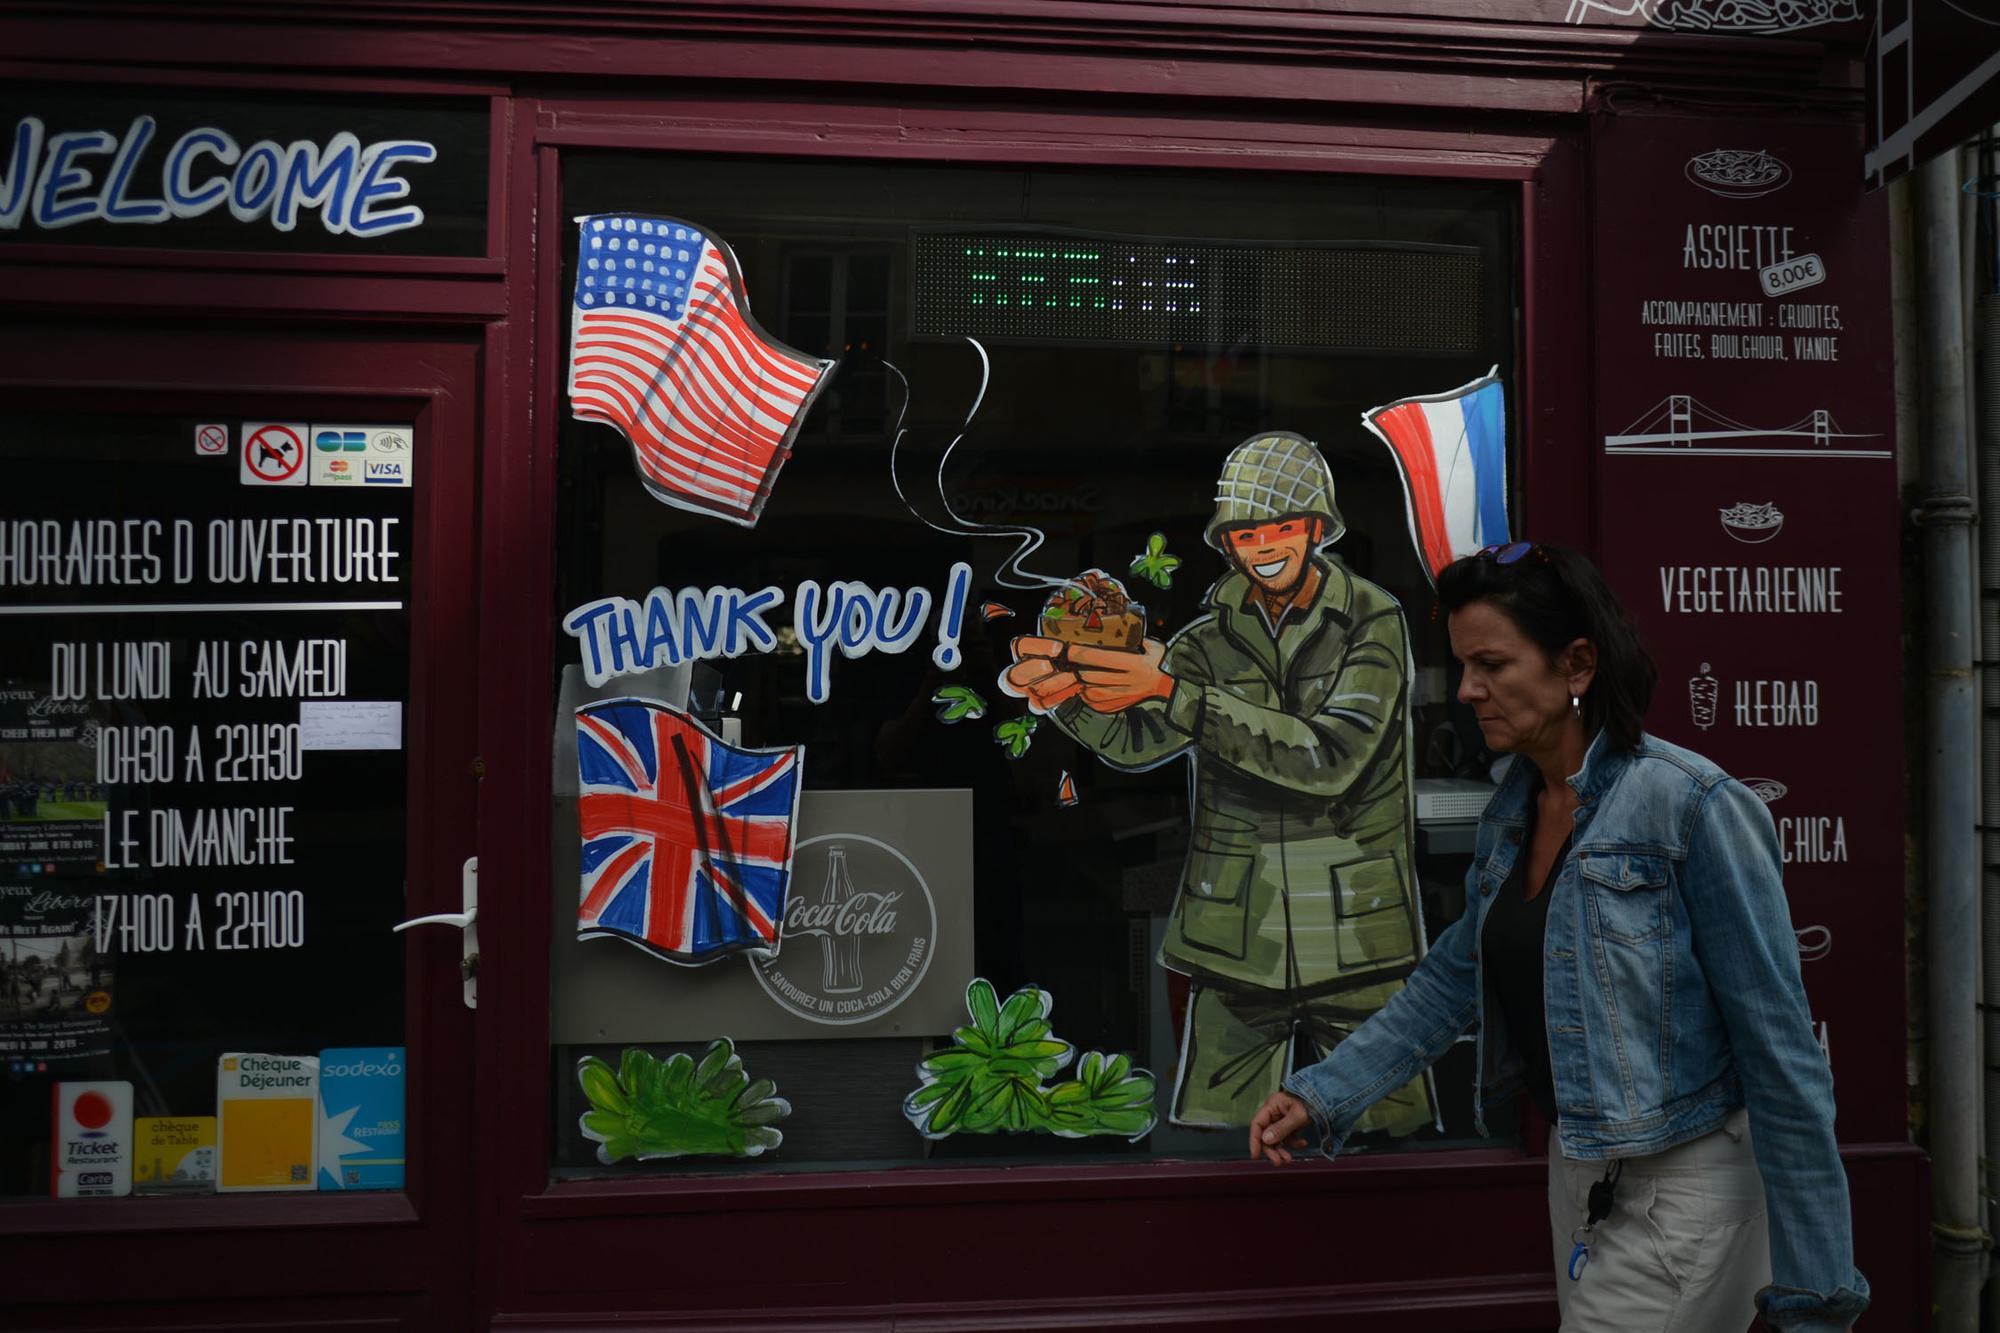 A Bayeux, les restaurants aussi jouent la carte du D-Day et de la gratitude , Getty Images